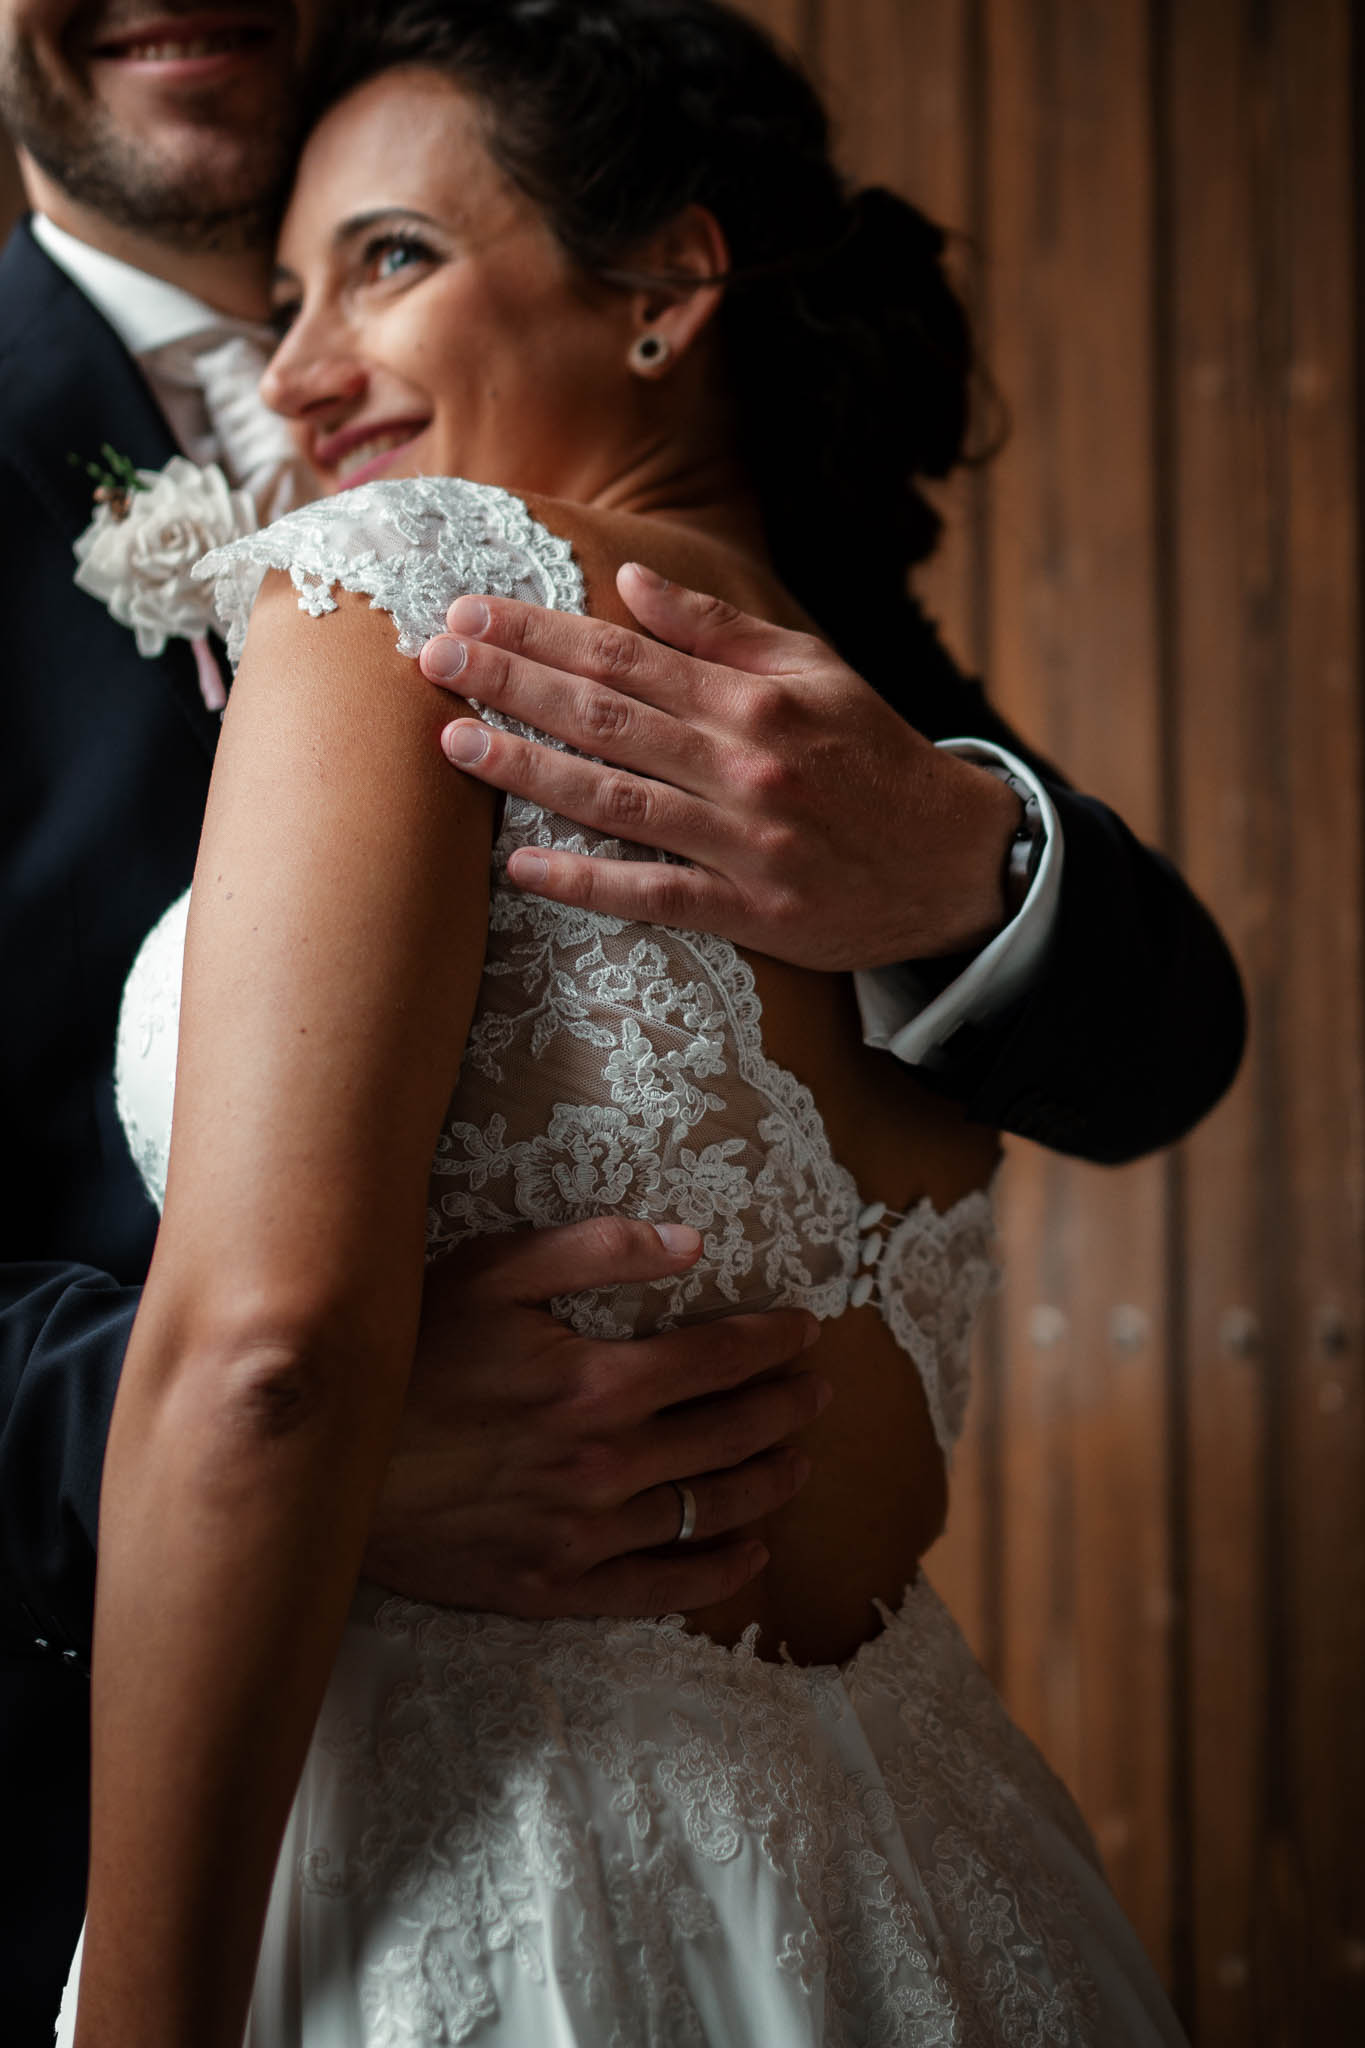 Hochzeitsfotograf Monzernheim: freie Trauung von Sarah & Patrick 46